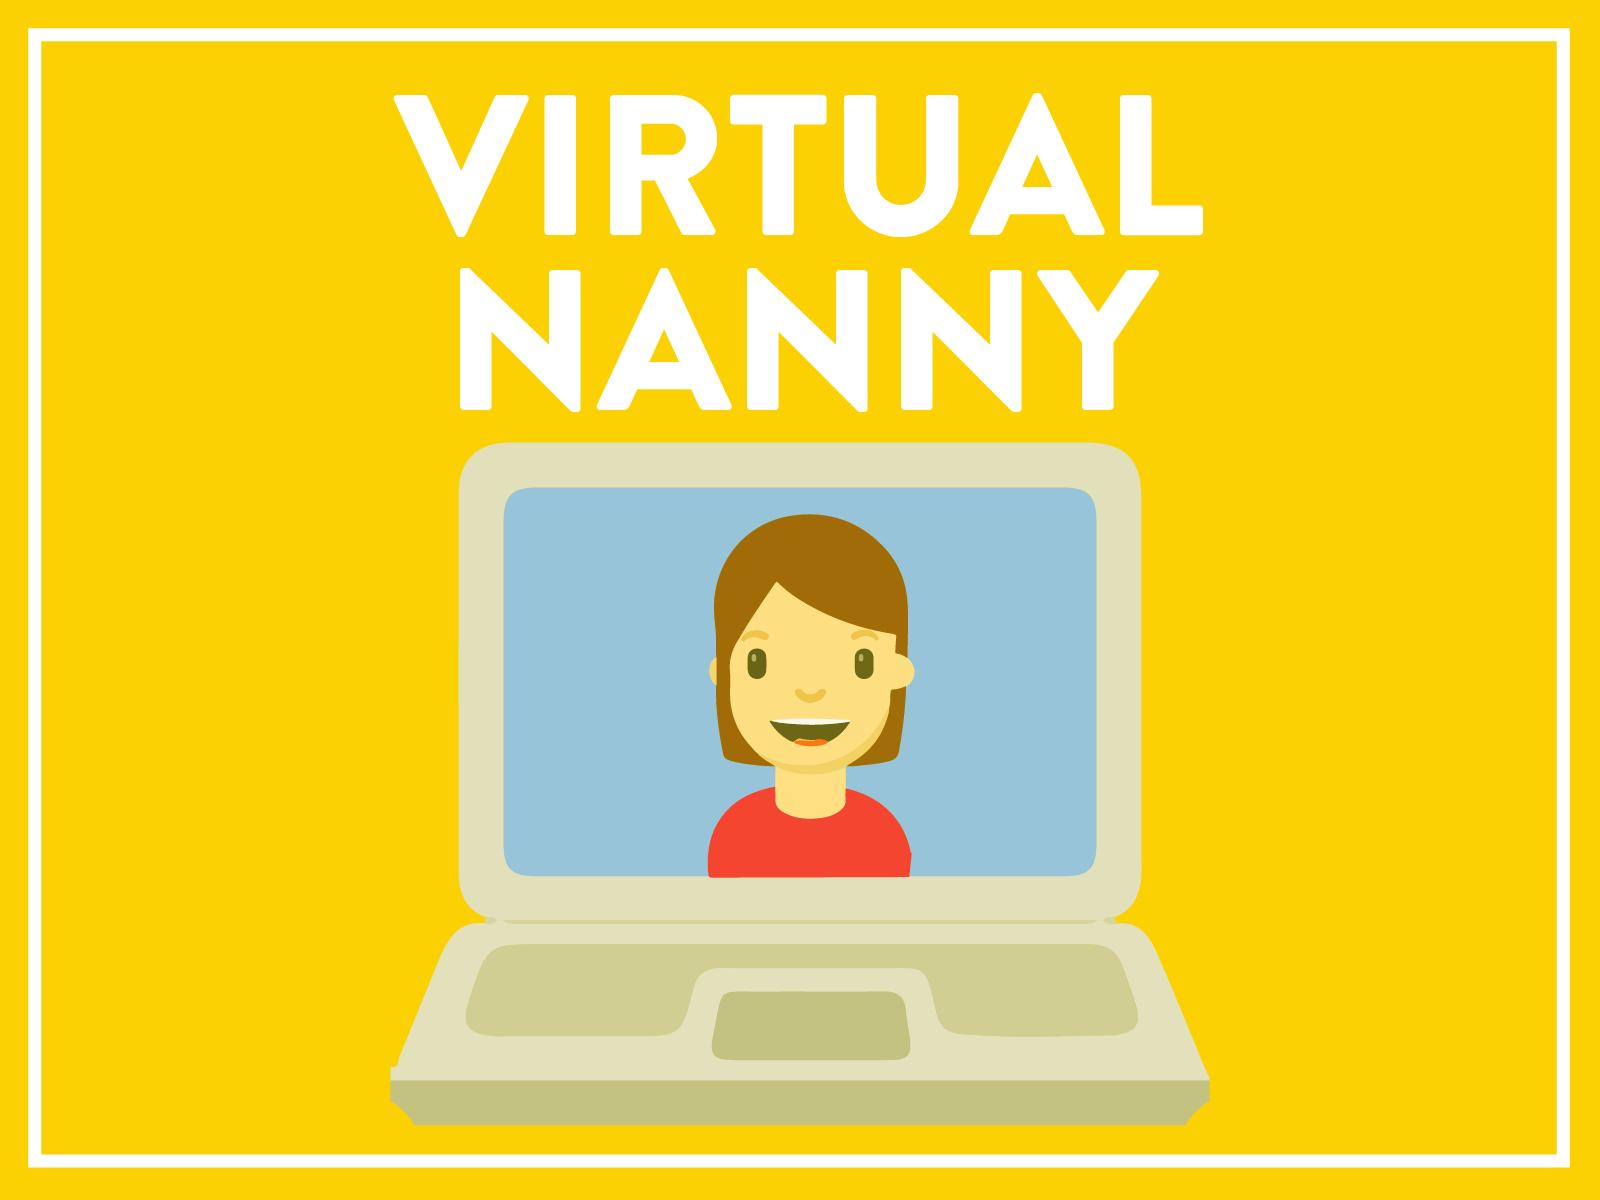 virtual nanny